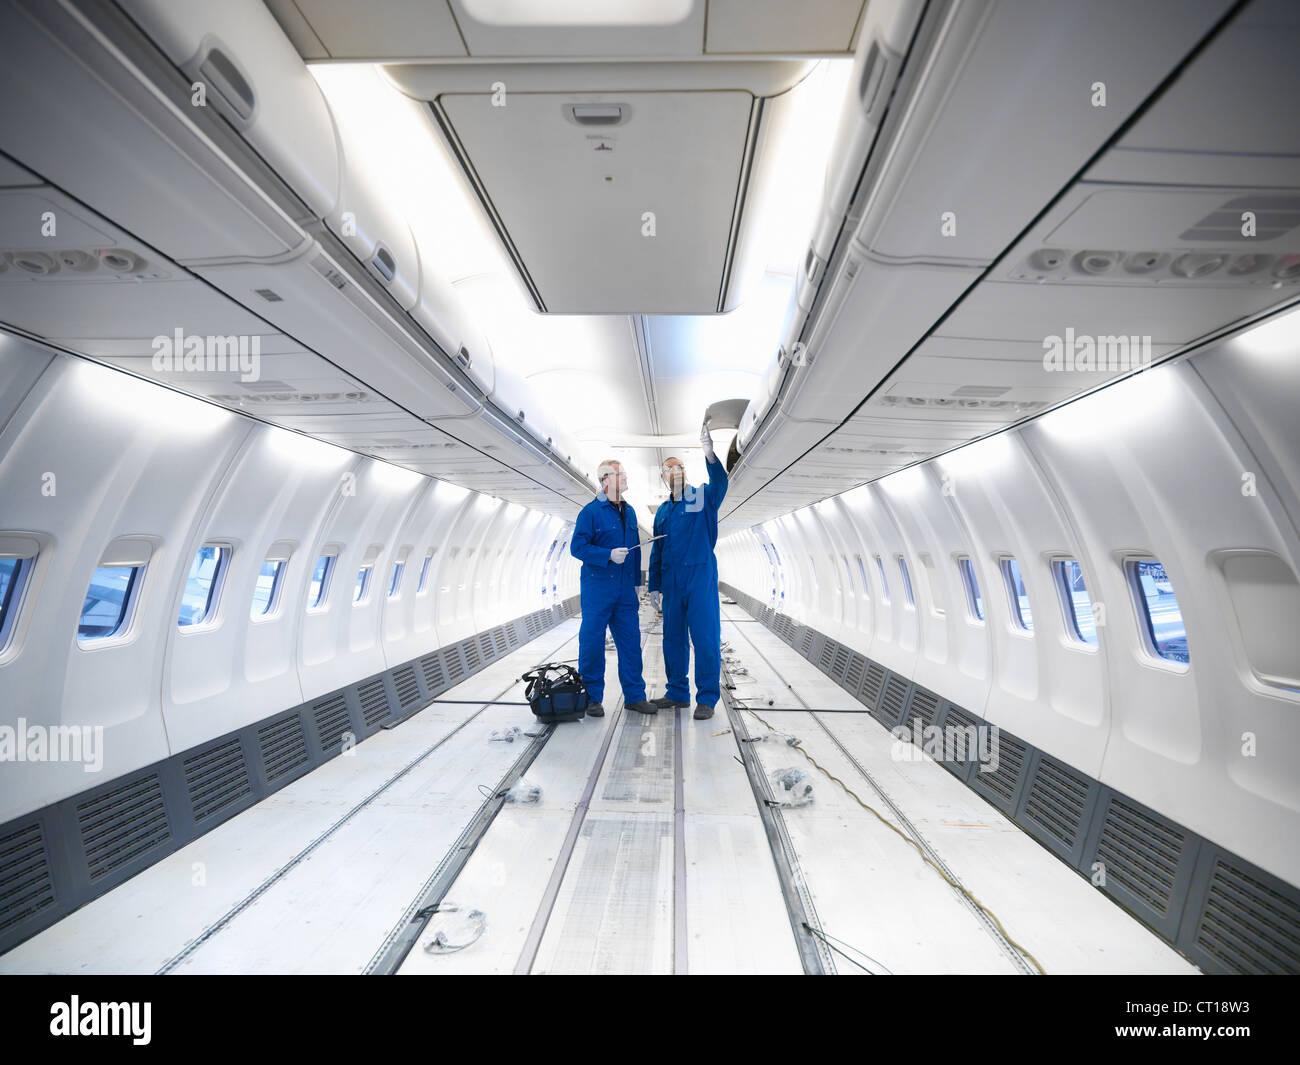 L'examen des travailleurs avion vide Photo Stock